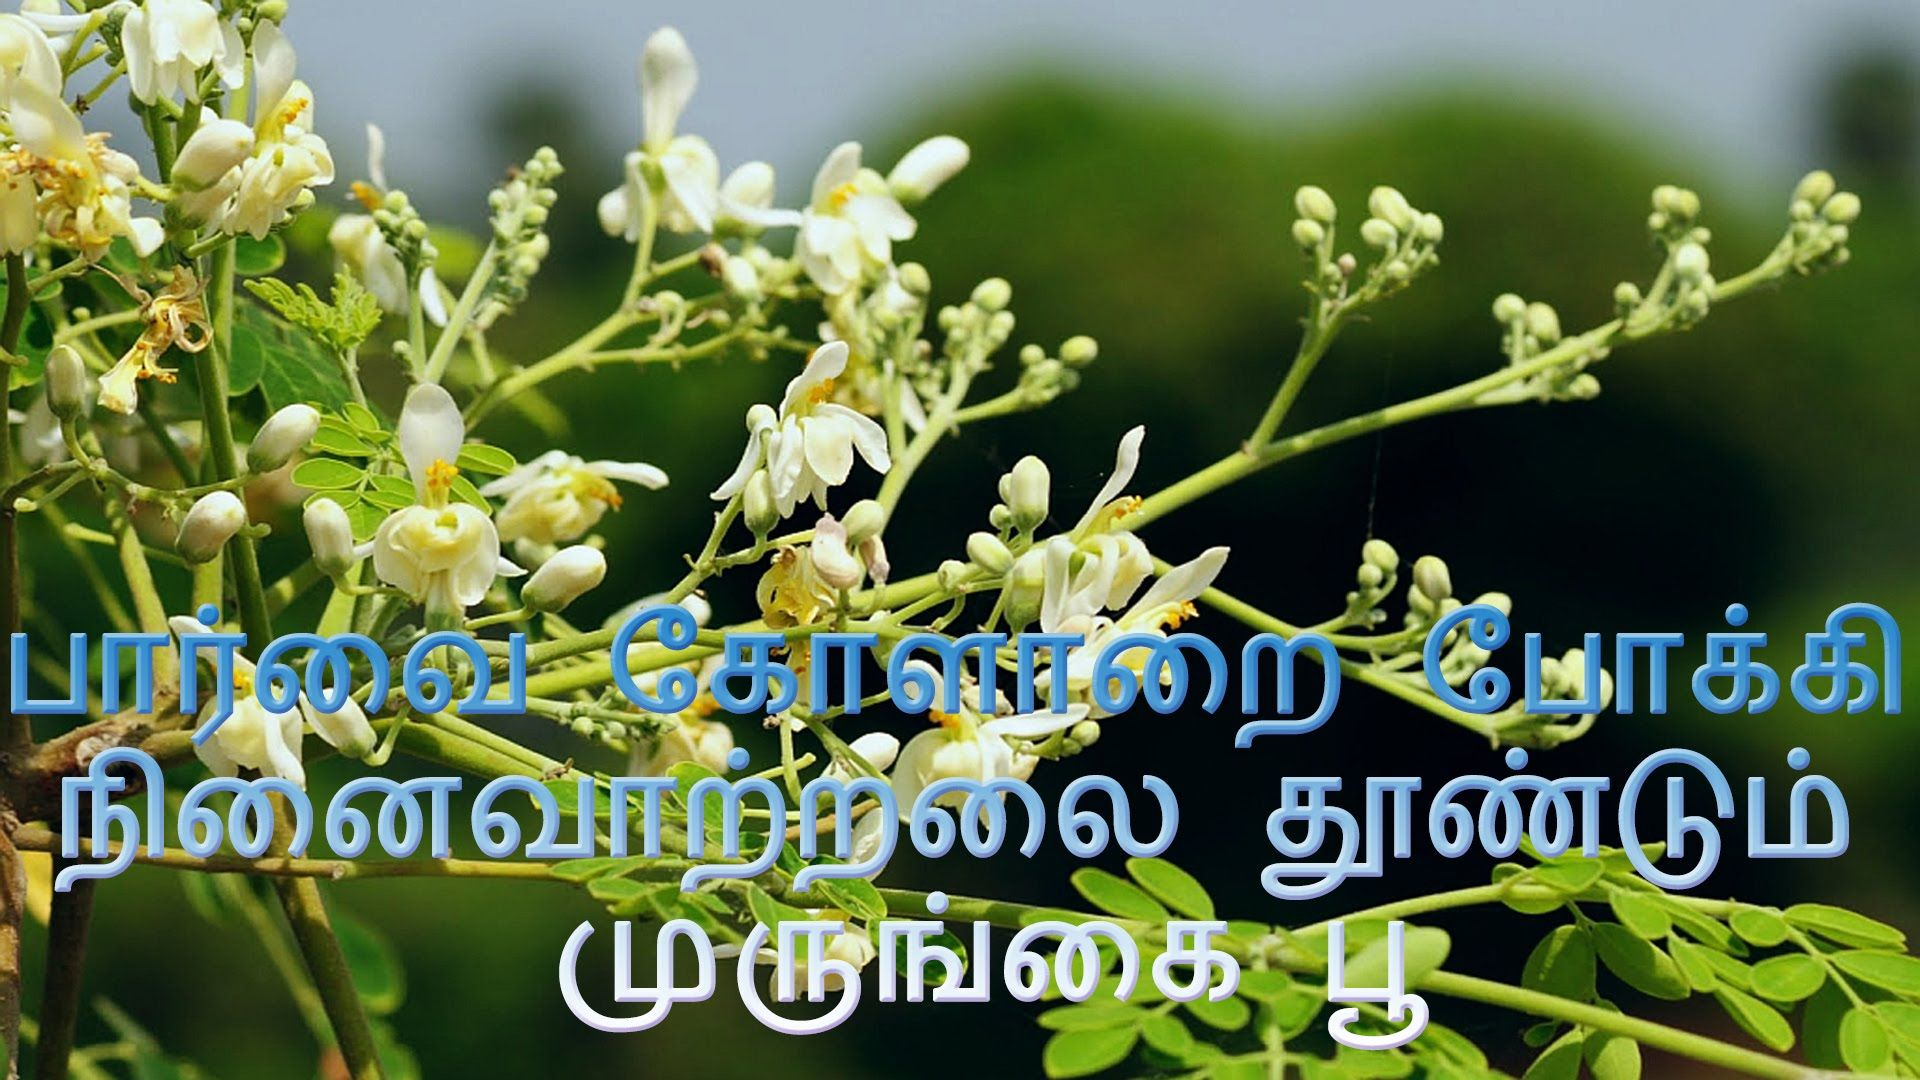 ப ர வ க ள ற ப க க ந ன வ ற றல த ண ட ம ம ர ங க ப Moringa Oleifera Moringa Tree Moringa Oleifera Tree